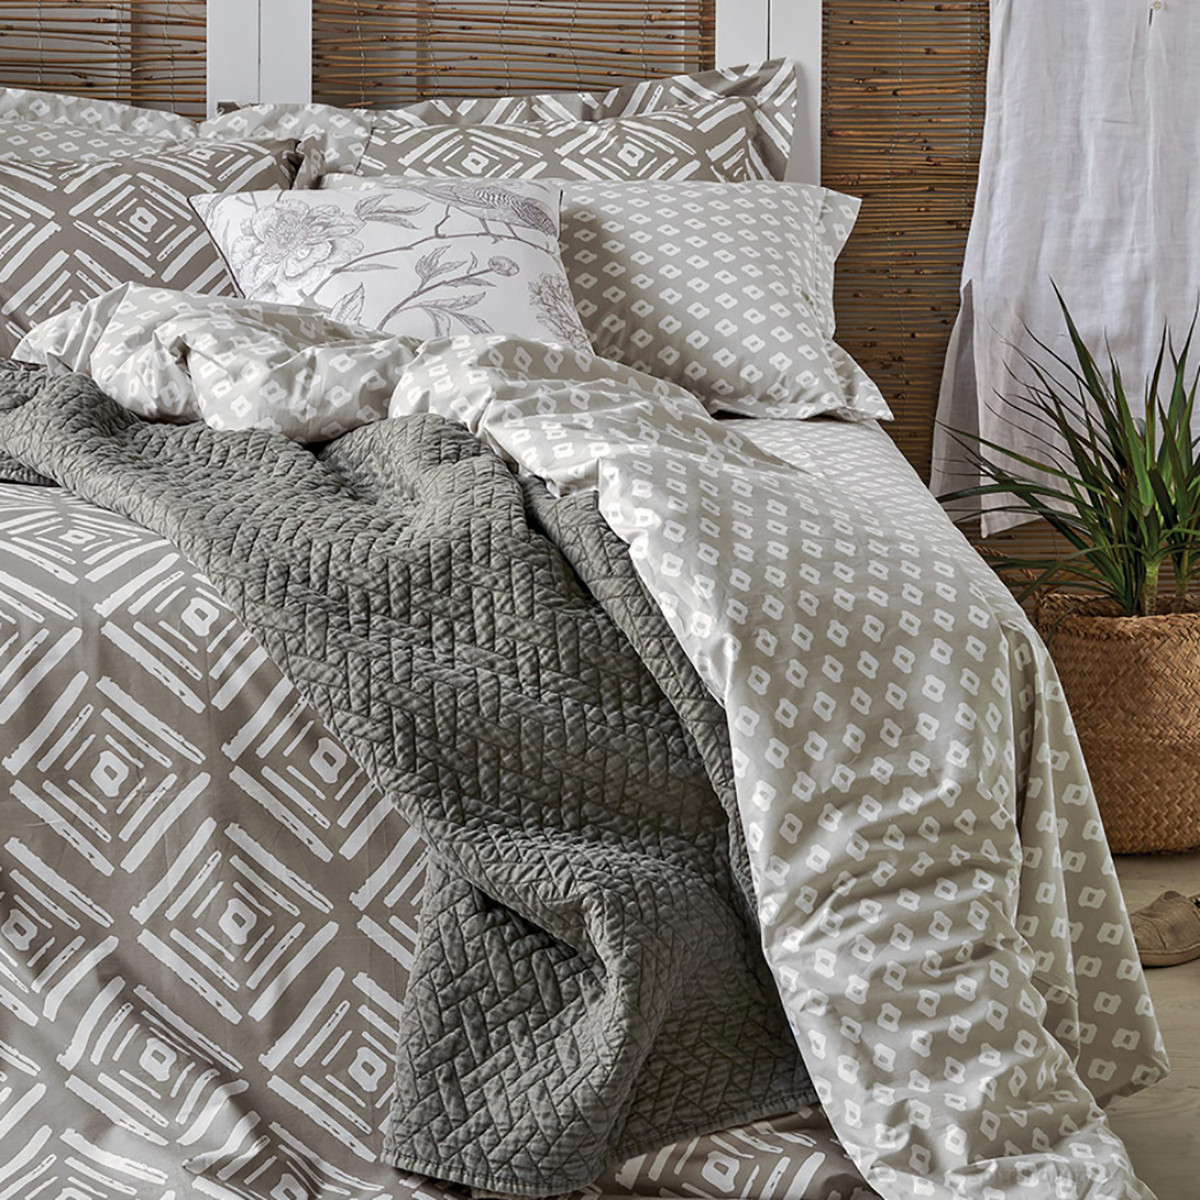 Κουβερλί Μονό Kentia Loft Sahara 15 home   κρεβατοκάμαρα   κουβερλί   κουβερλί μονά